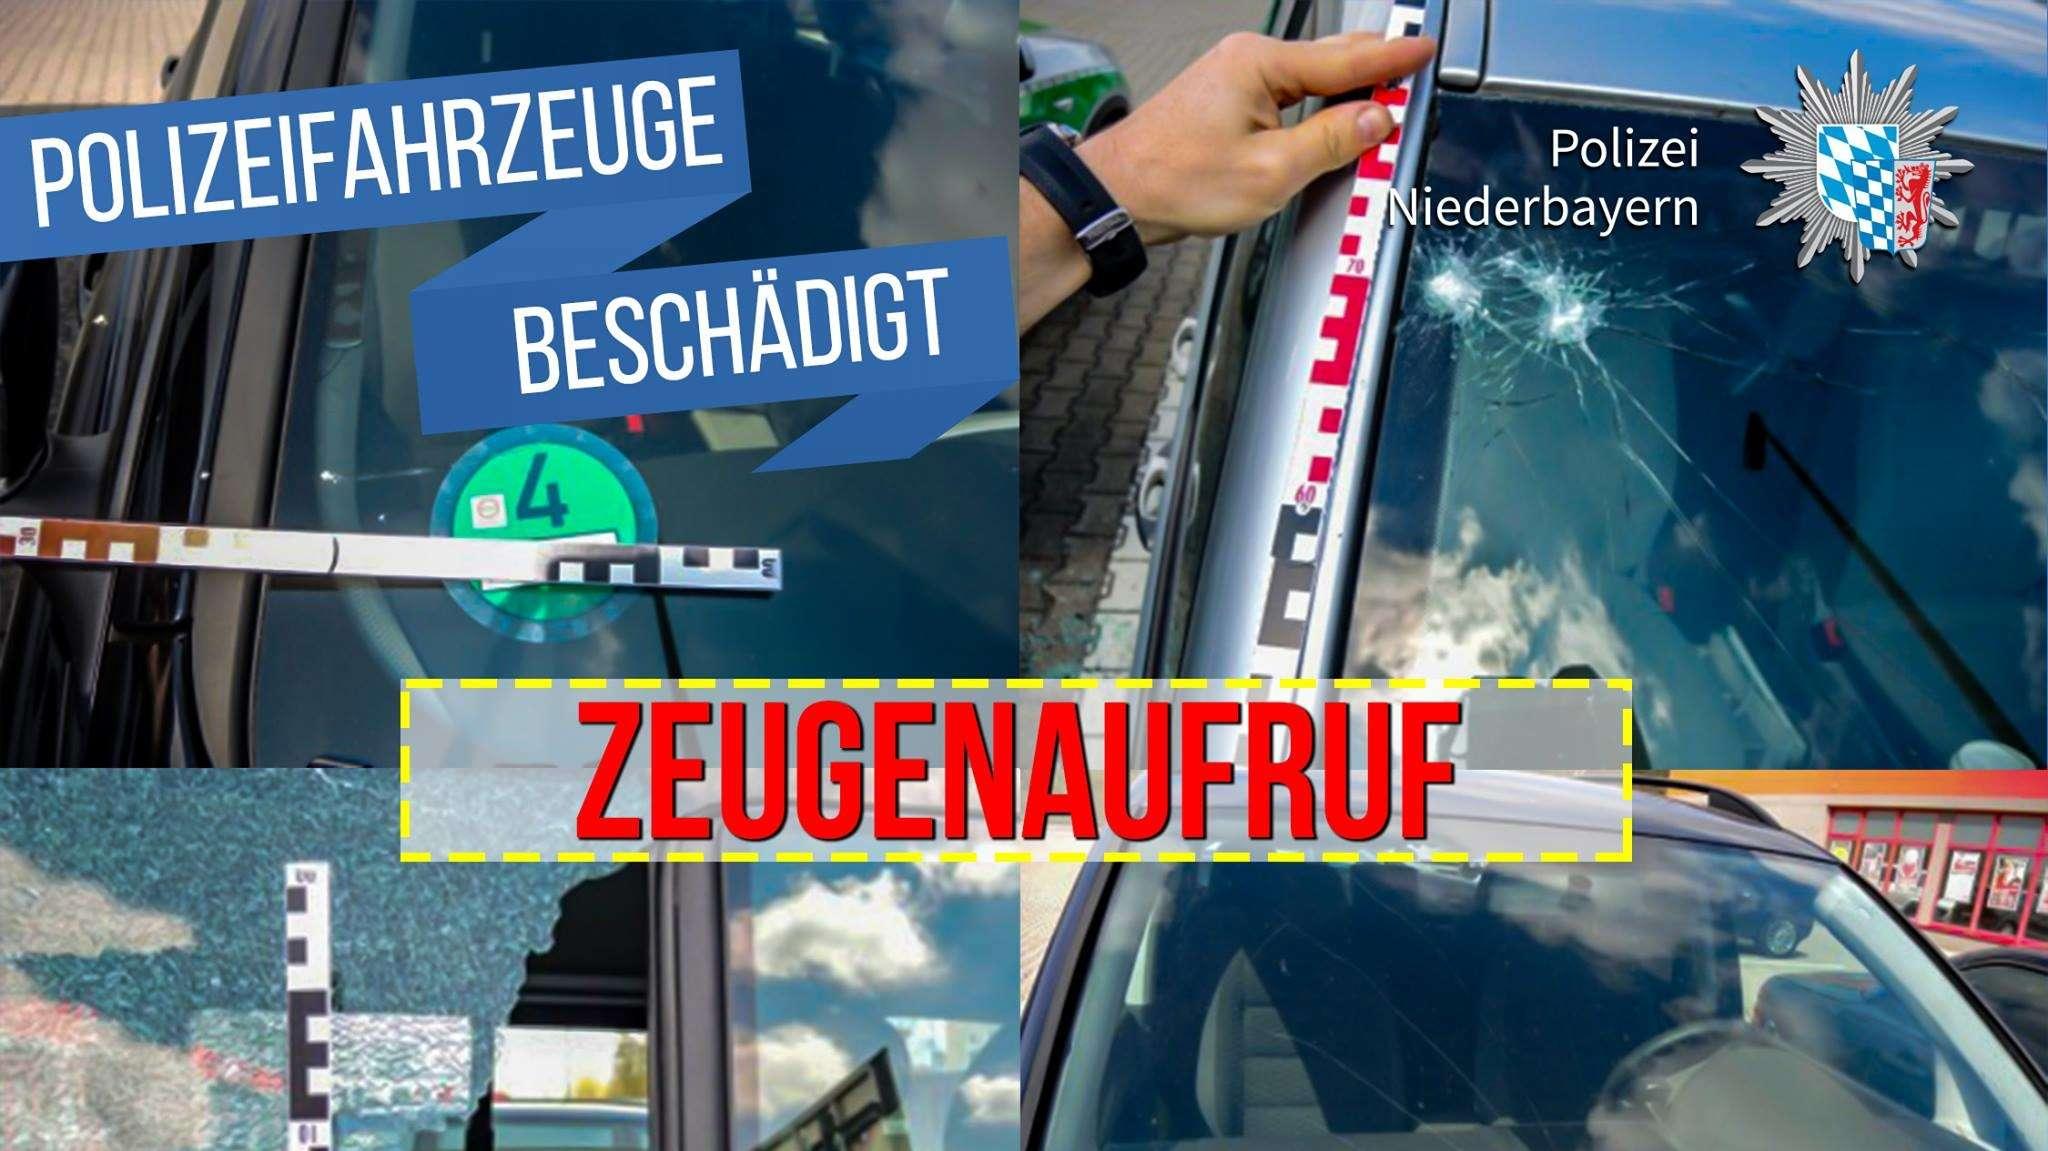 """Eine Fotocollage von den beschädigten Autos und der Schriftzug """"Zeugenaufruf"""""""